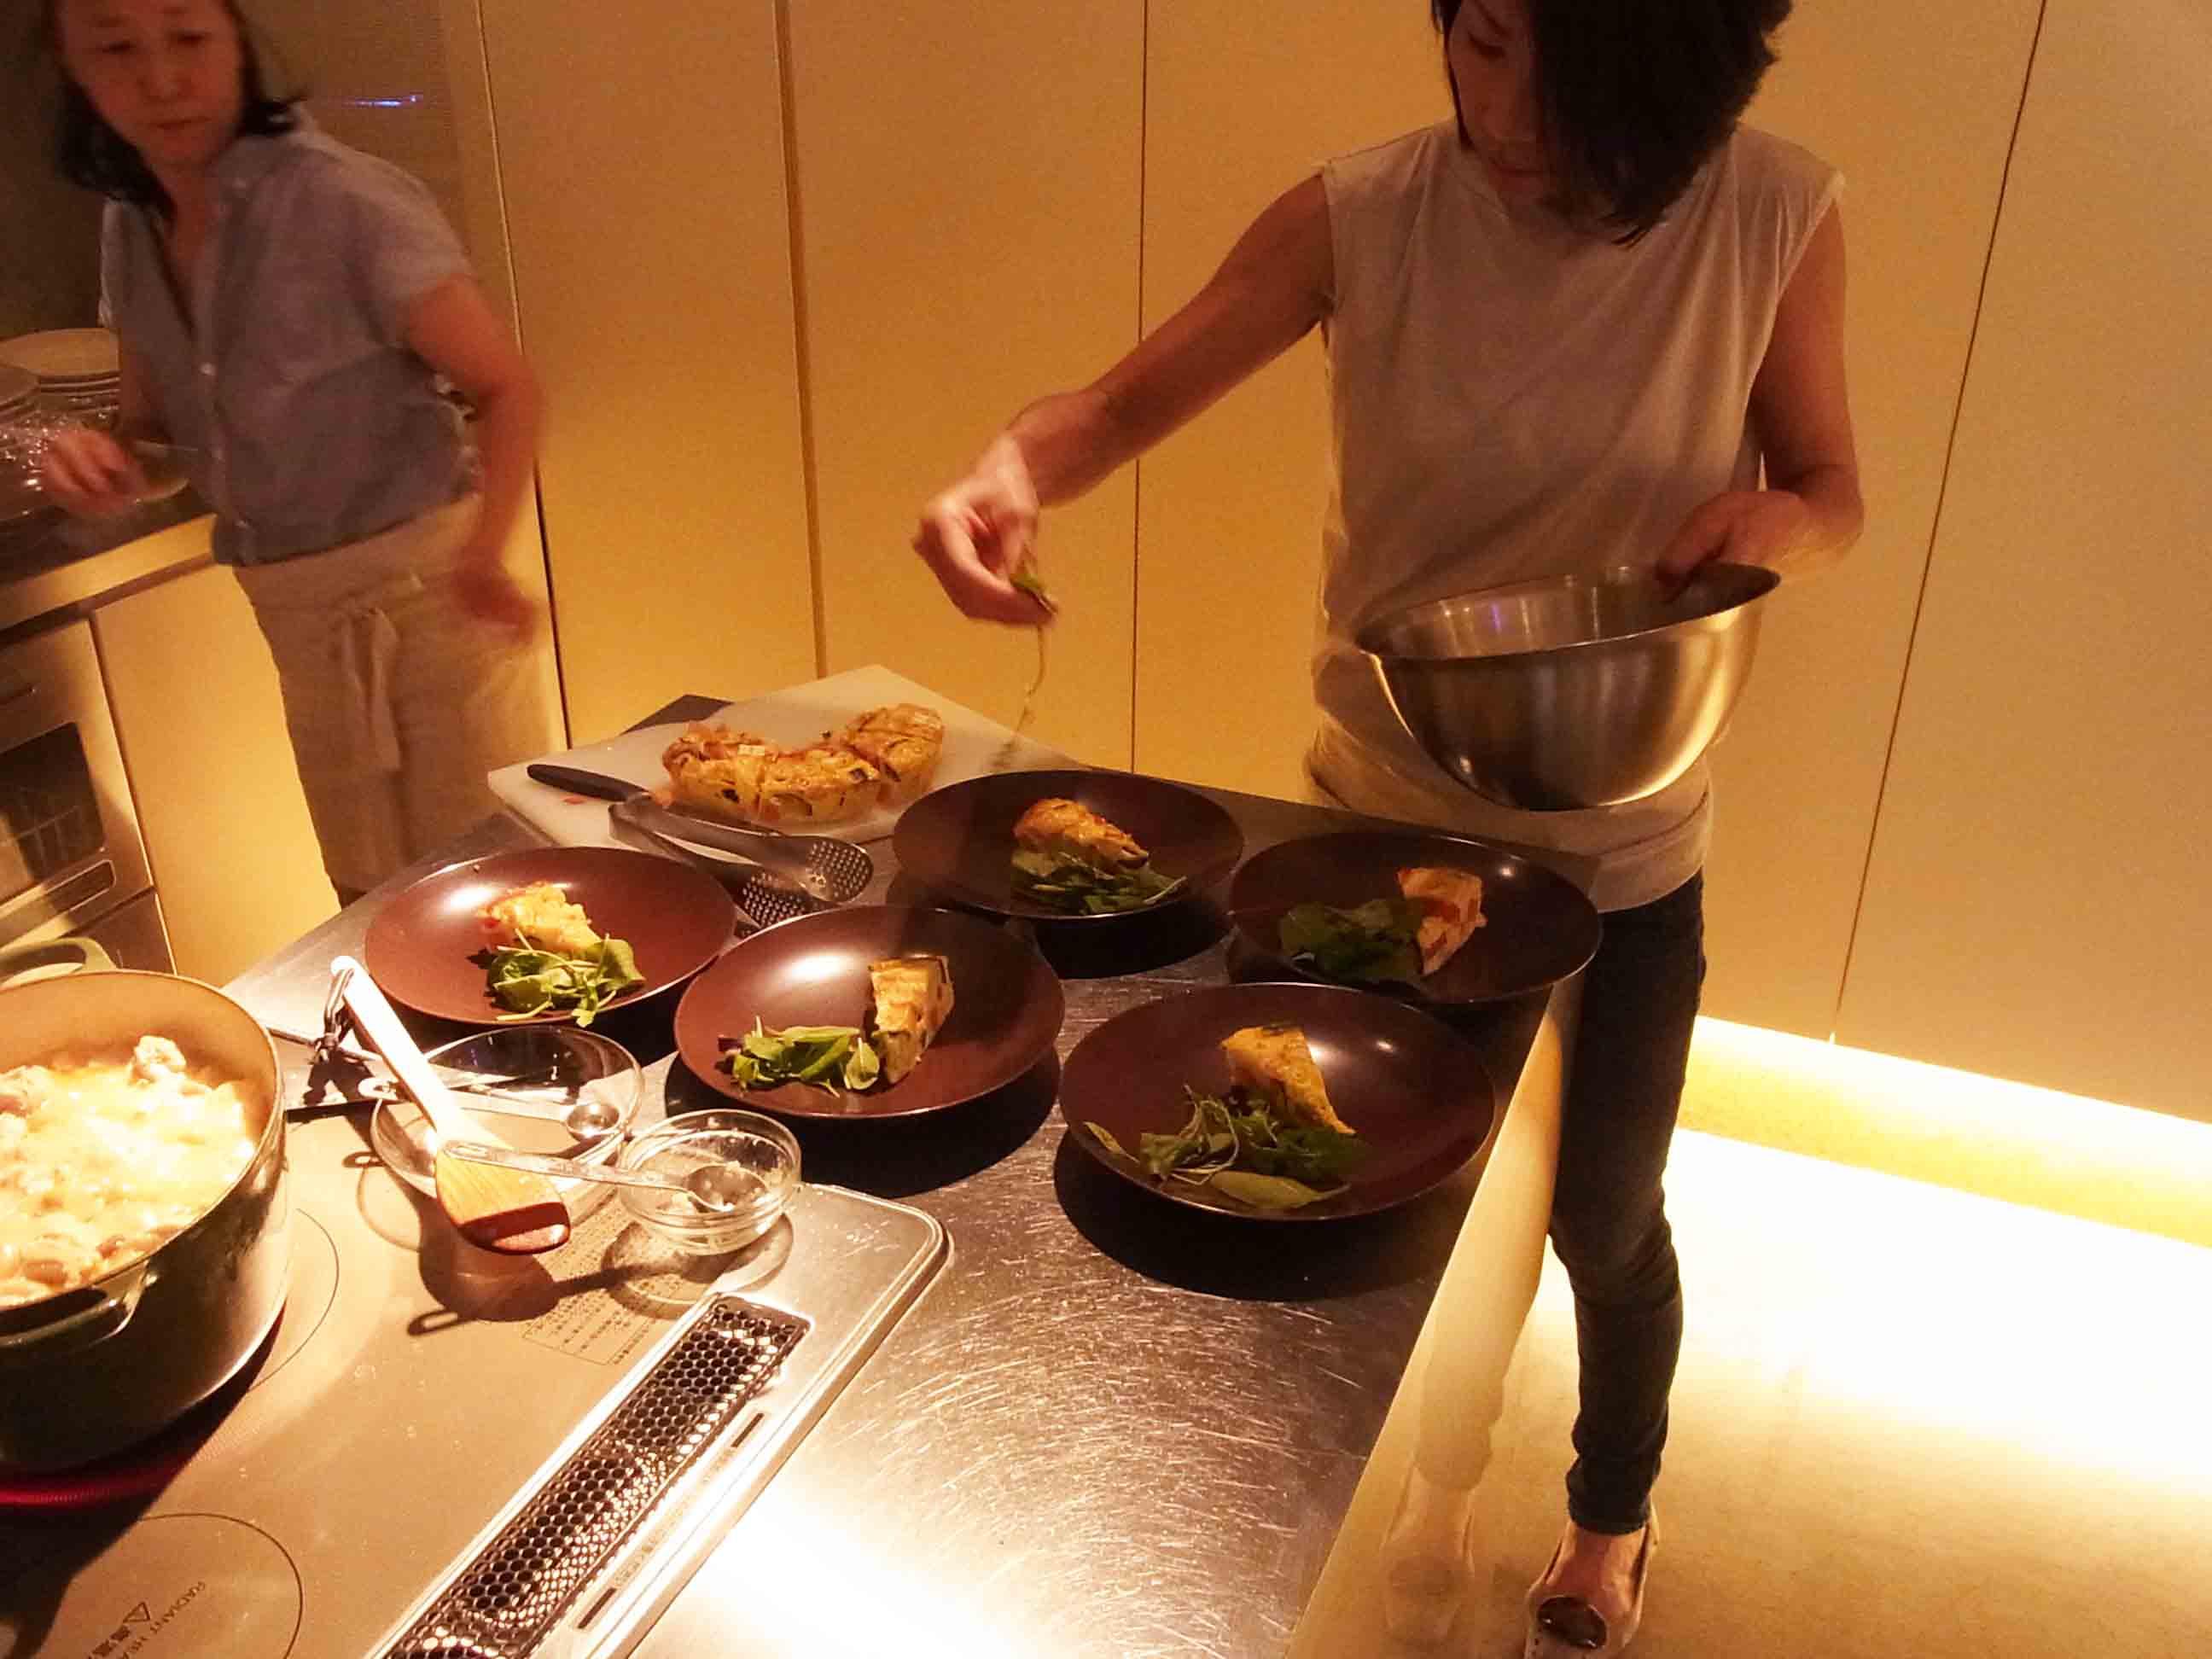 糀テーマの料理教室がいよいよスタート(記:藤本紀久子)_a0195310_193186.jpg